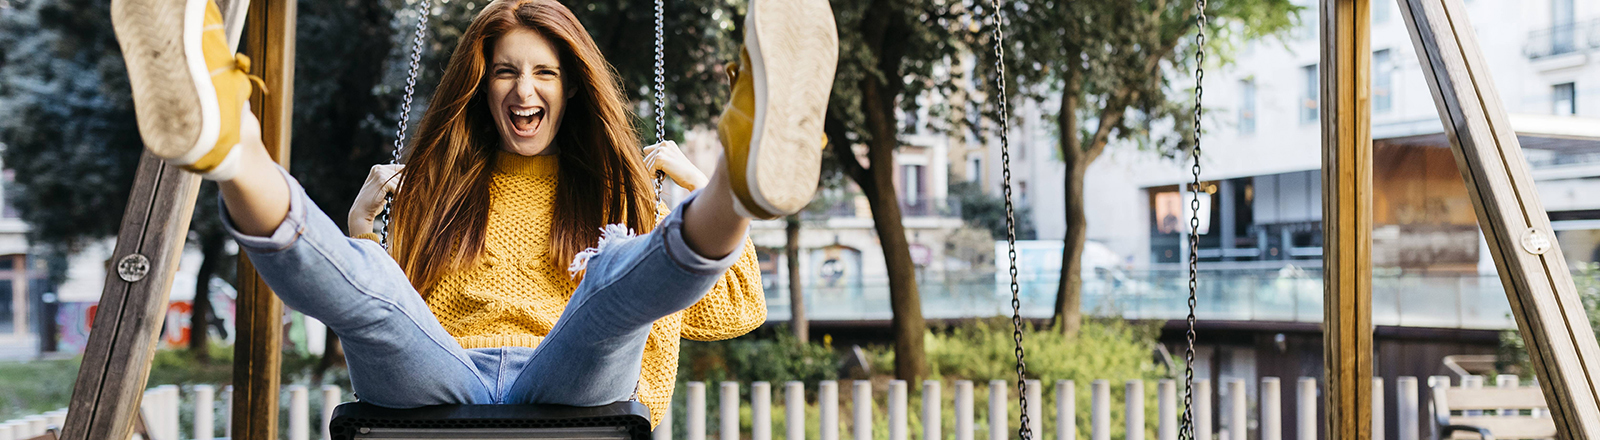 Eine junge Frau sitzt auf einer Schaukel